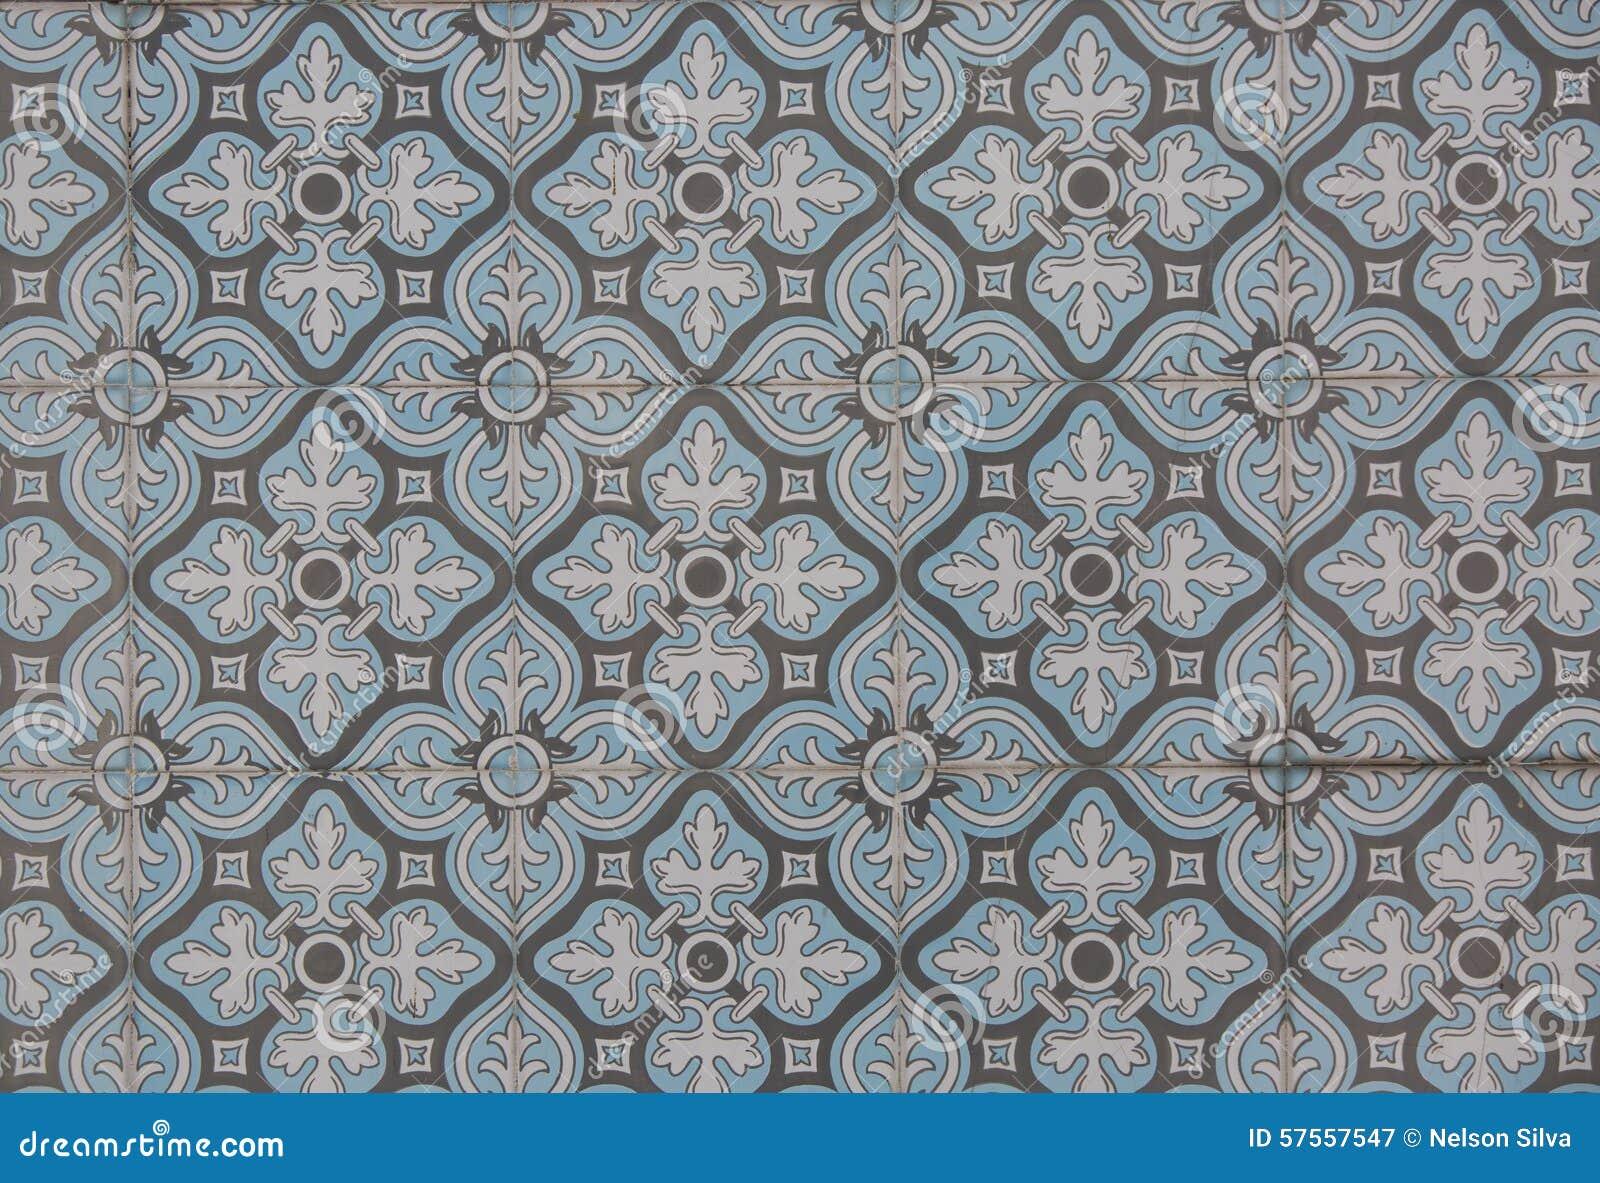 Download Vintage ceramic tile stock image. Image of building, interior - 57557547